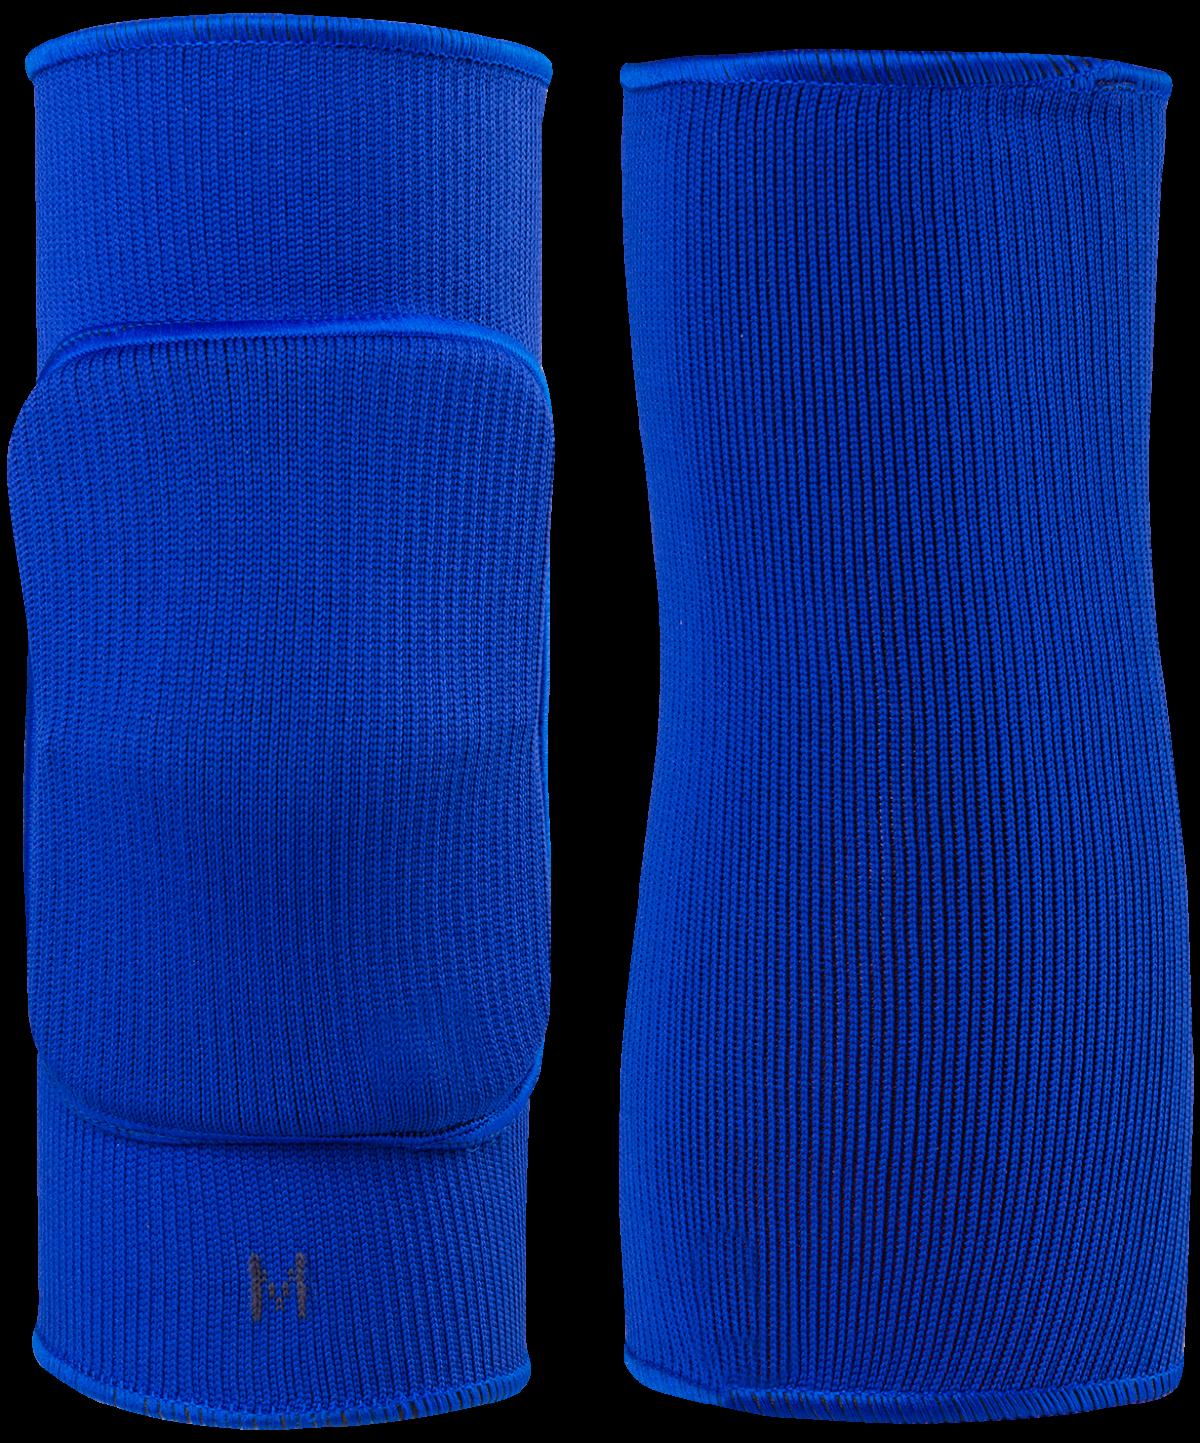 Наколенник волейбольный  KS-101: синий - 1